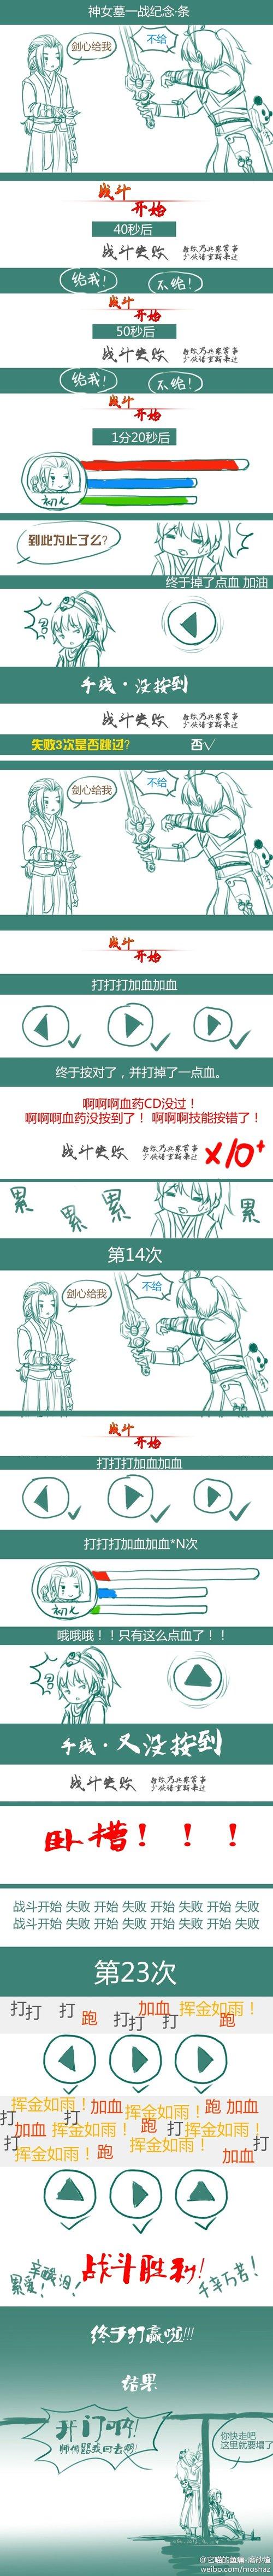 《古剑奇谭2》搞笑图——神女墓大战初七